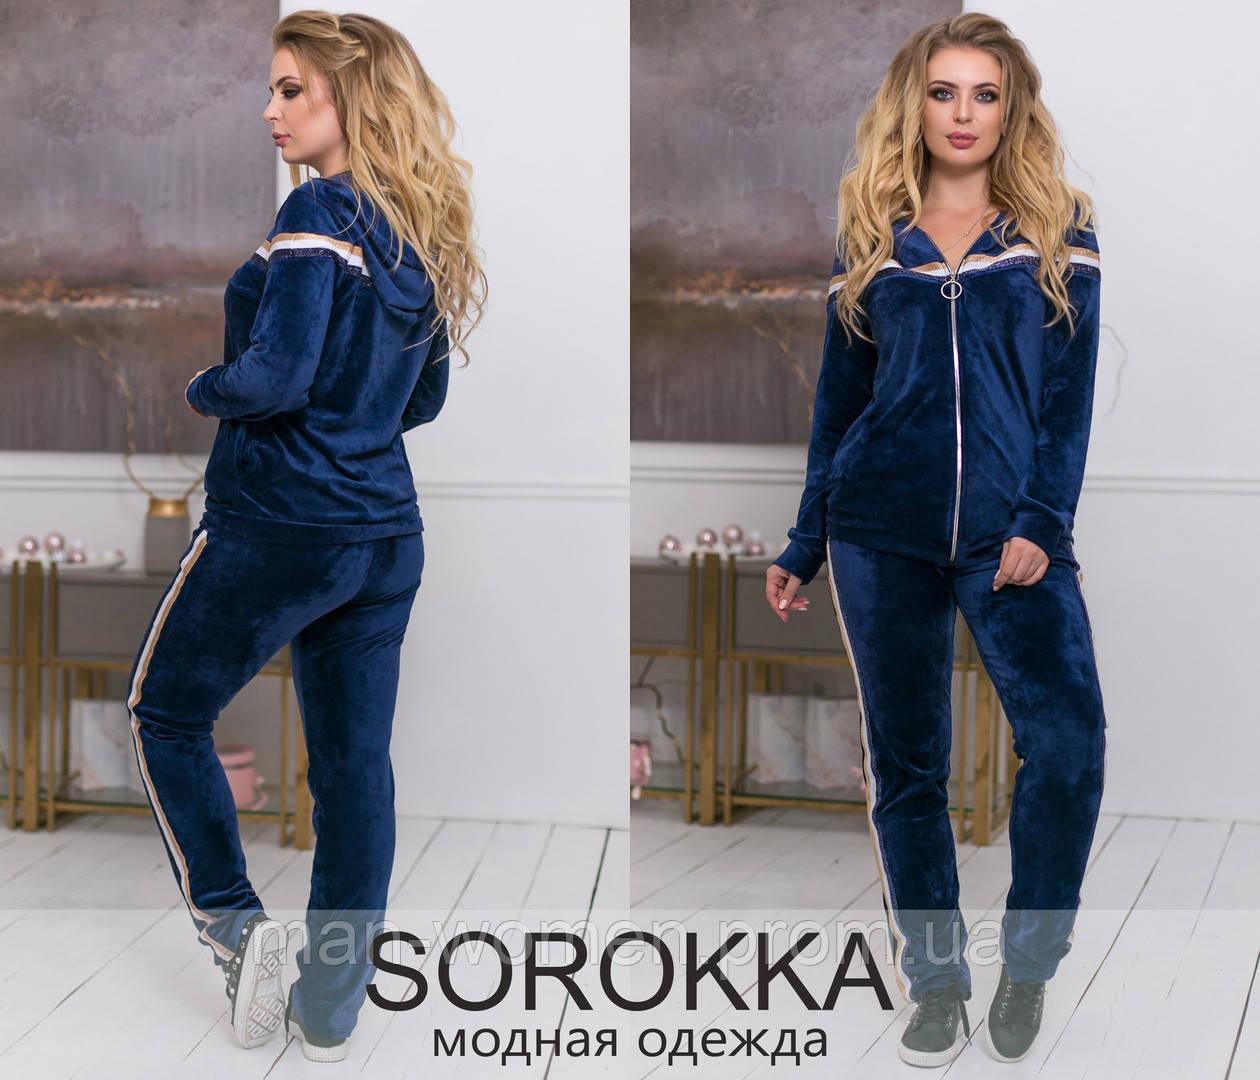 Спортивный велюровый костюм со вставками большого размера от ТМ SOROKKA-Размер: 48-50,52-54,56-58